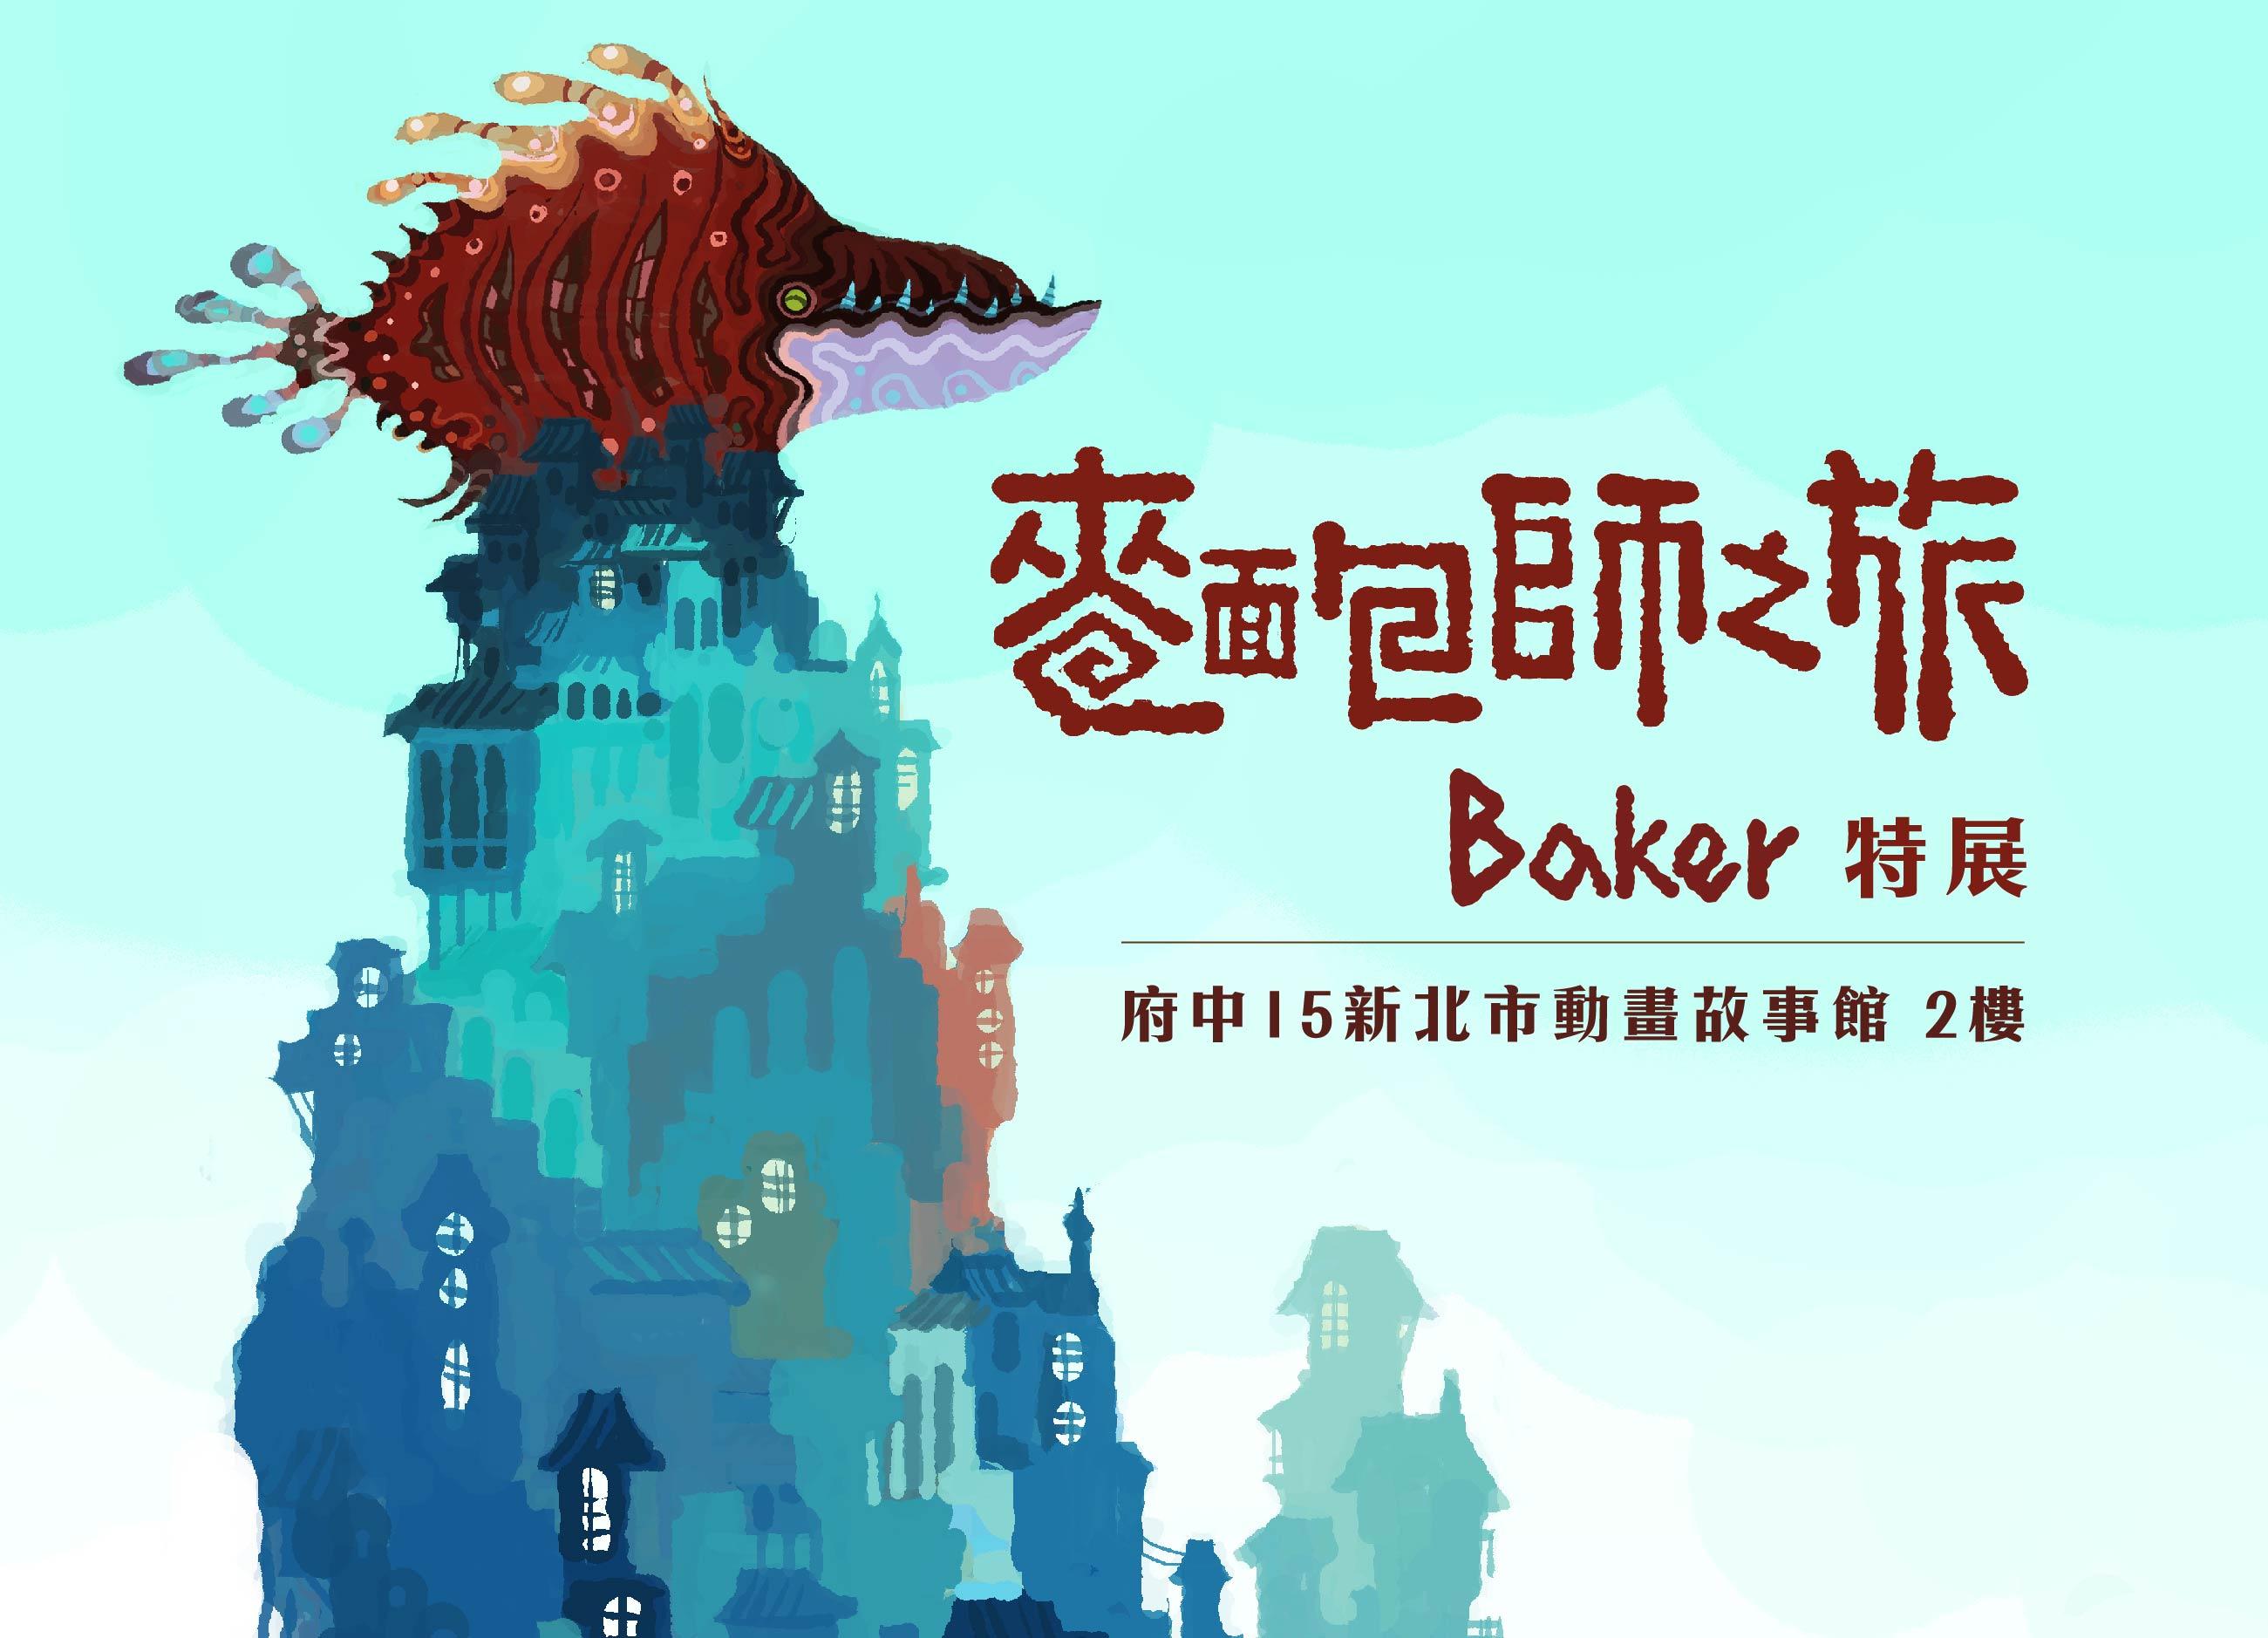 麵包師之旅Baker-陳穩升漫畫創作展